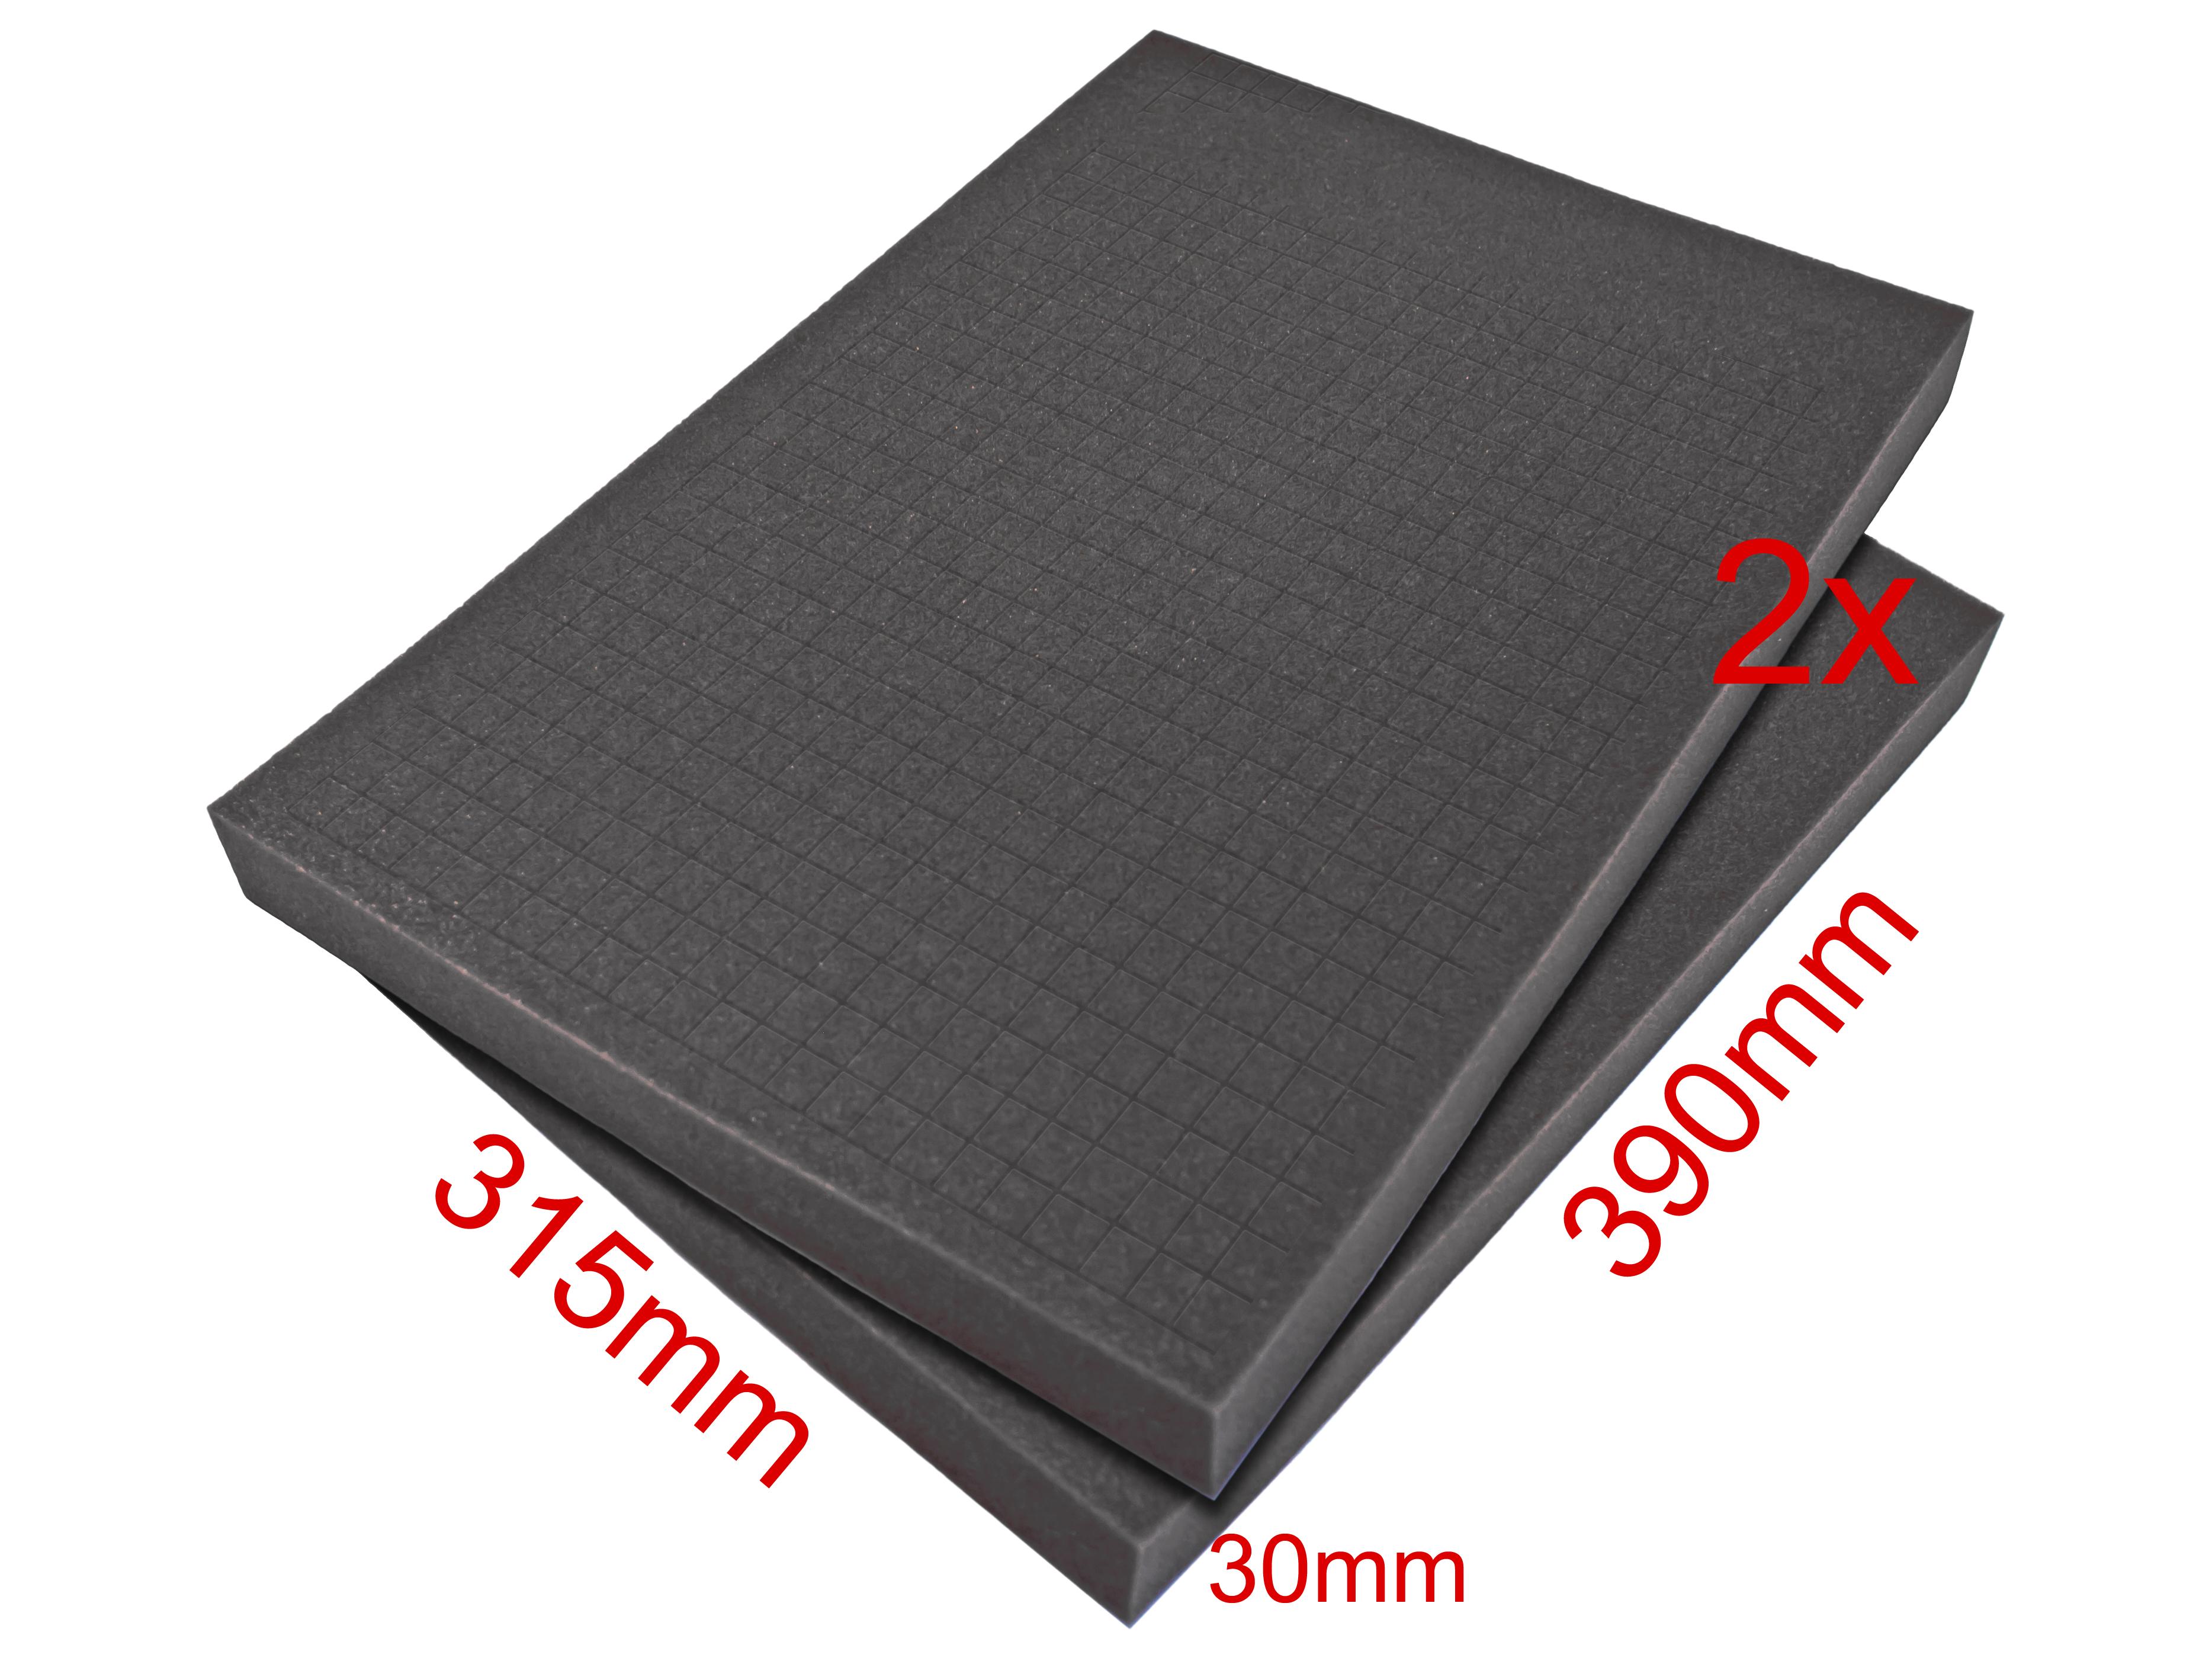 «PeakTech® P 7305 S» foam for aluminum case P 7305 (2 pcs.)